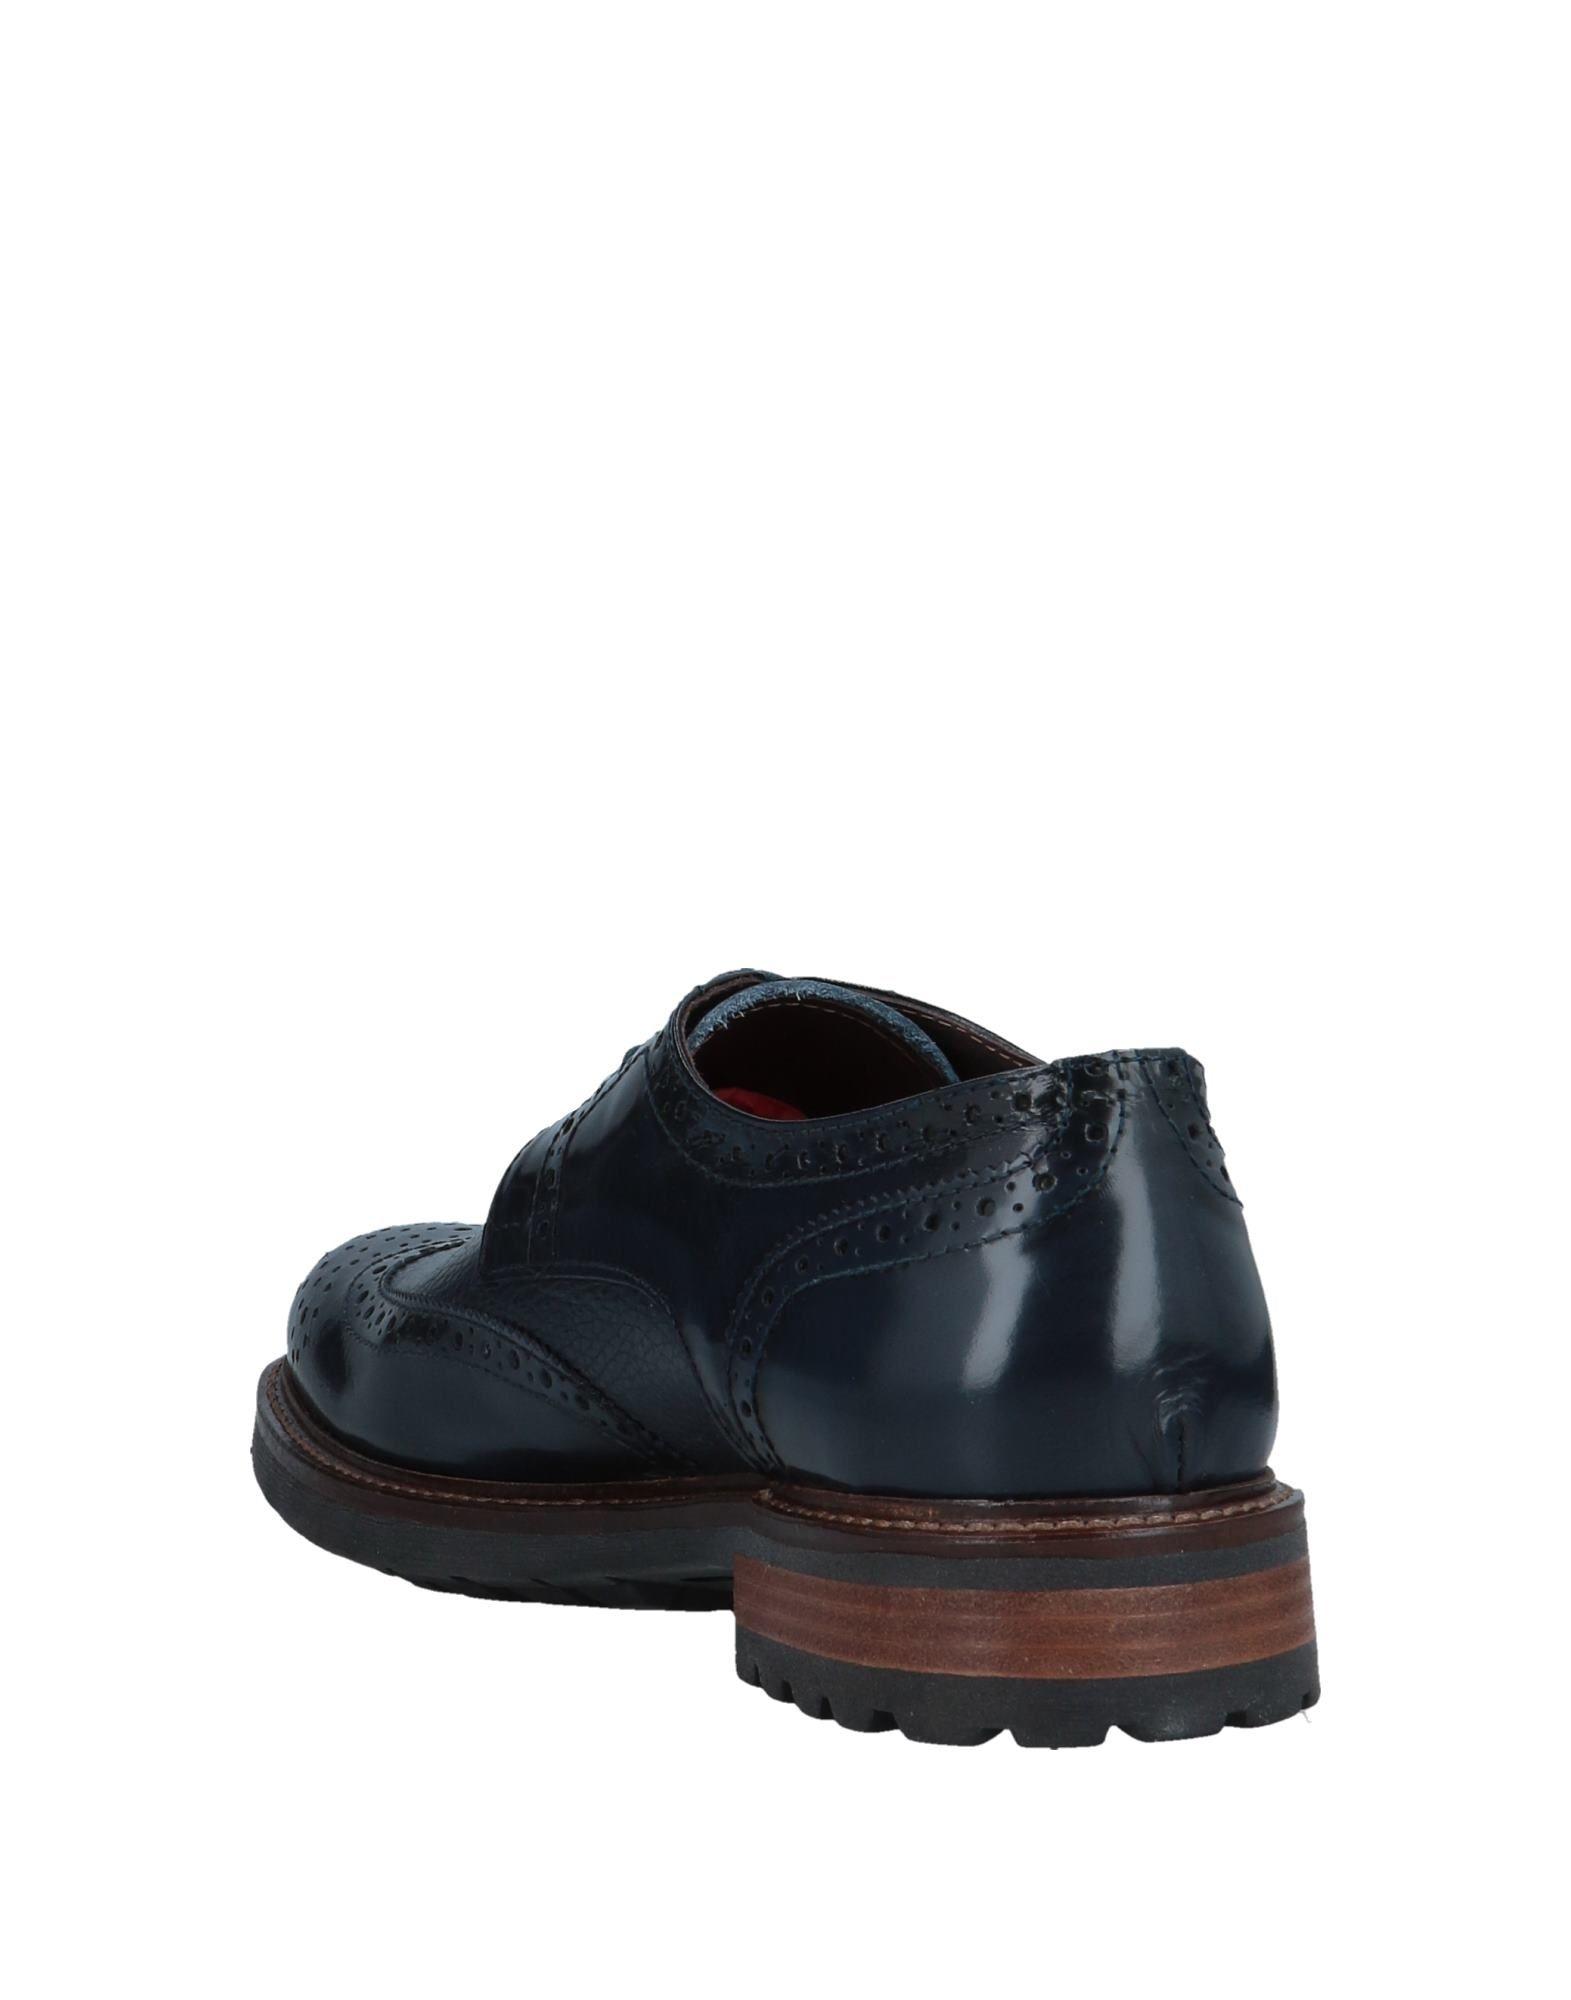 Rabatt Herren echte Schuhe Maskio® Schnürschuhe Herren Rabatt 11556888VN 2c71d9